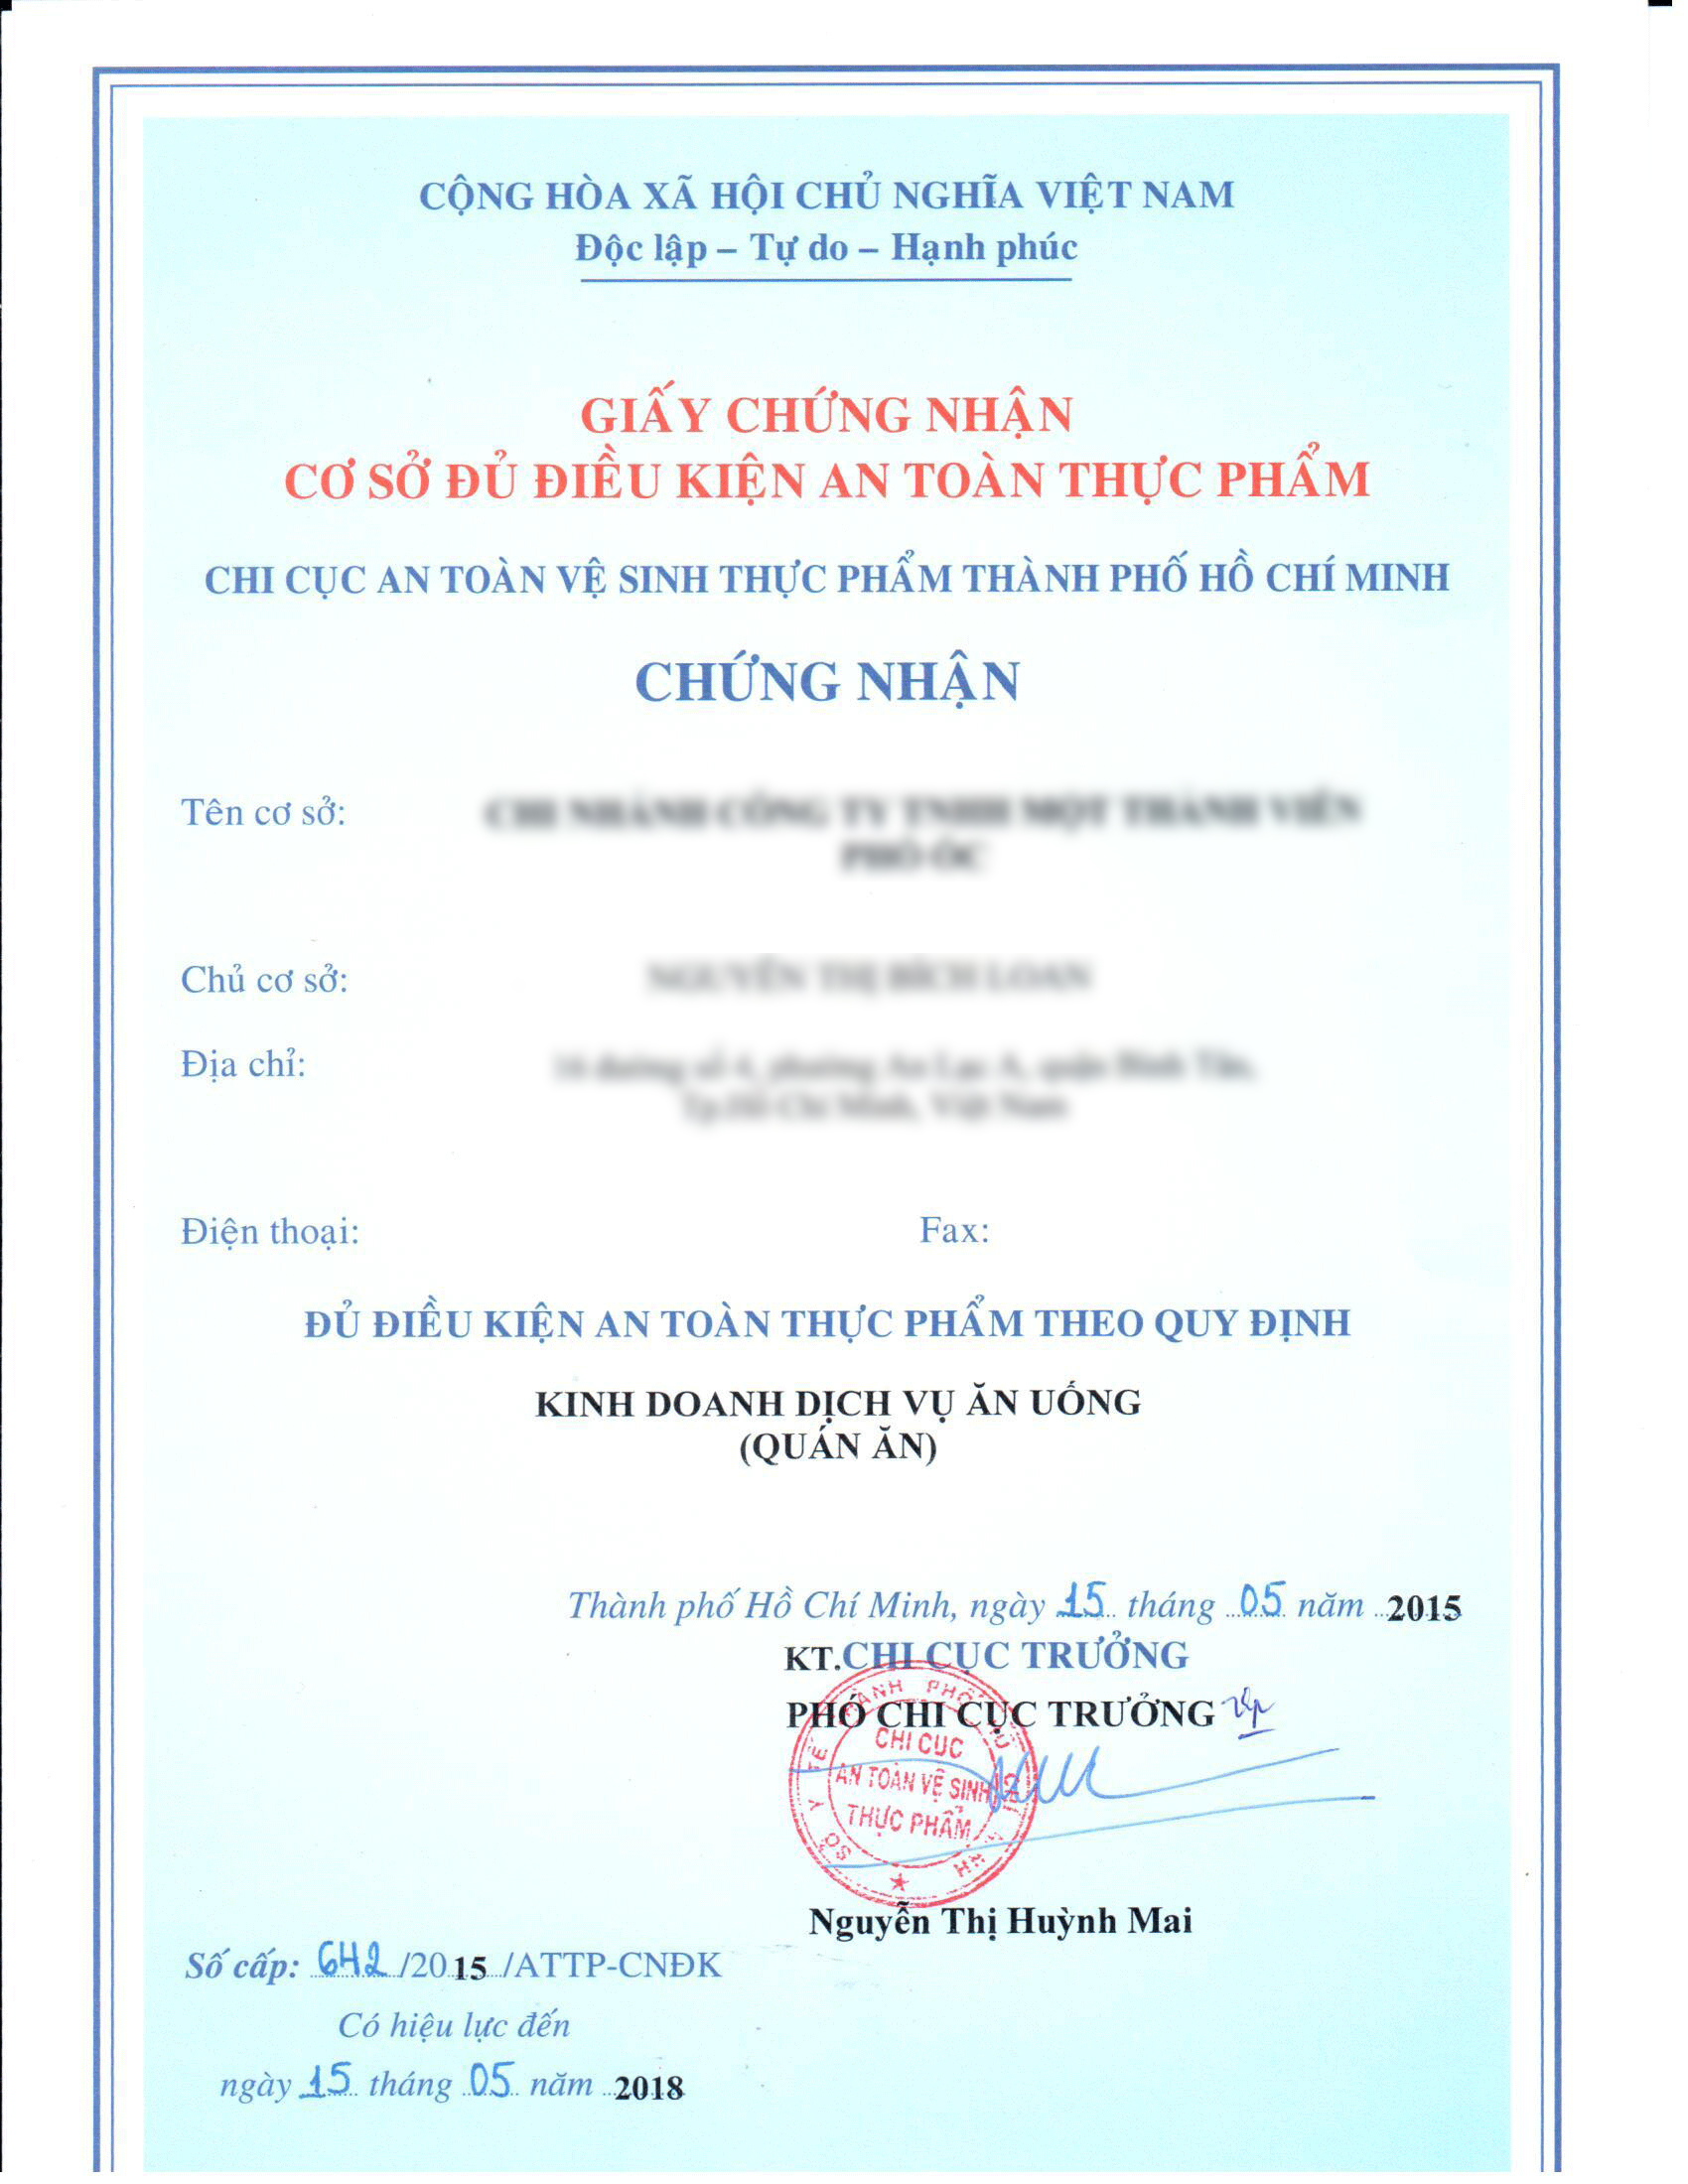 mẫu giấy chứng nhận cơ sở phù hợp quy định vệ sinh an toàn thực phẩm